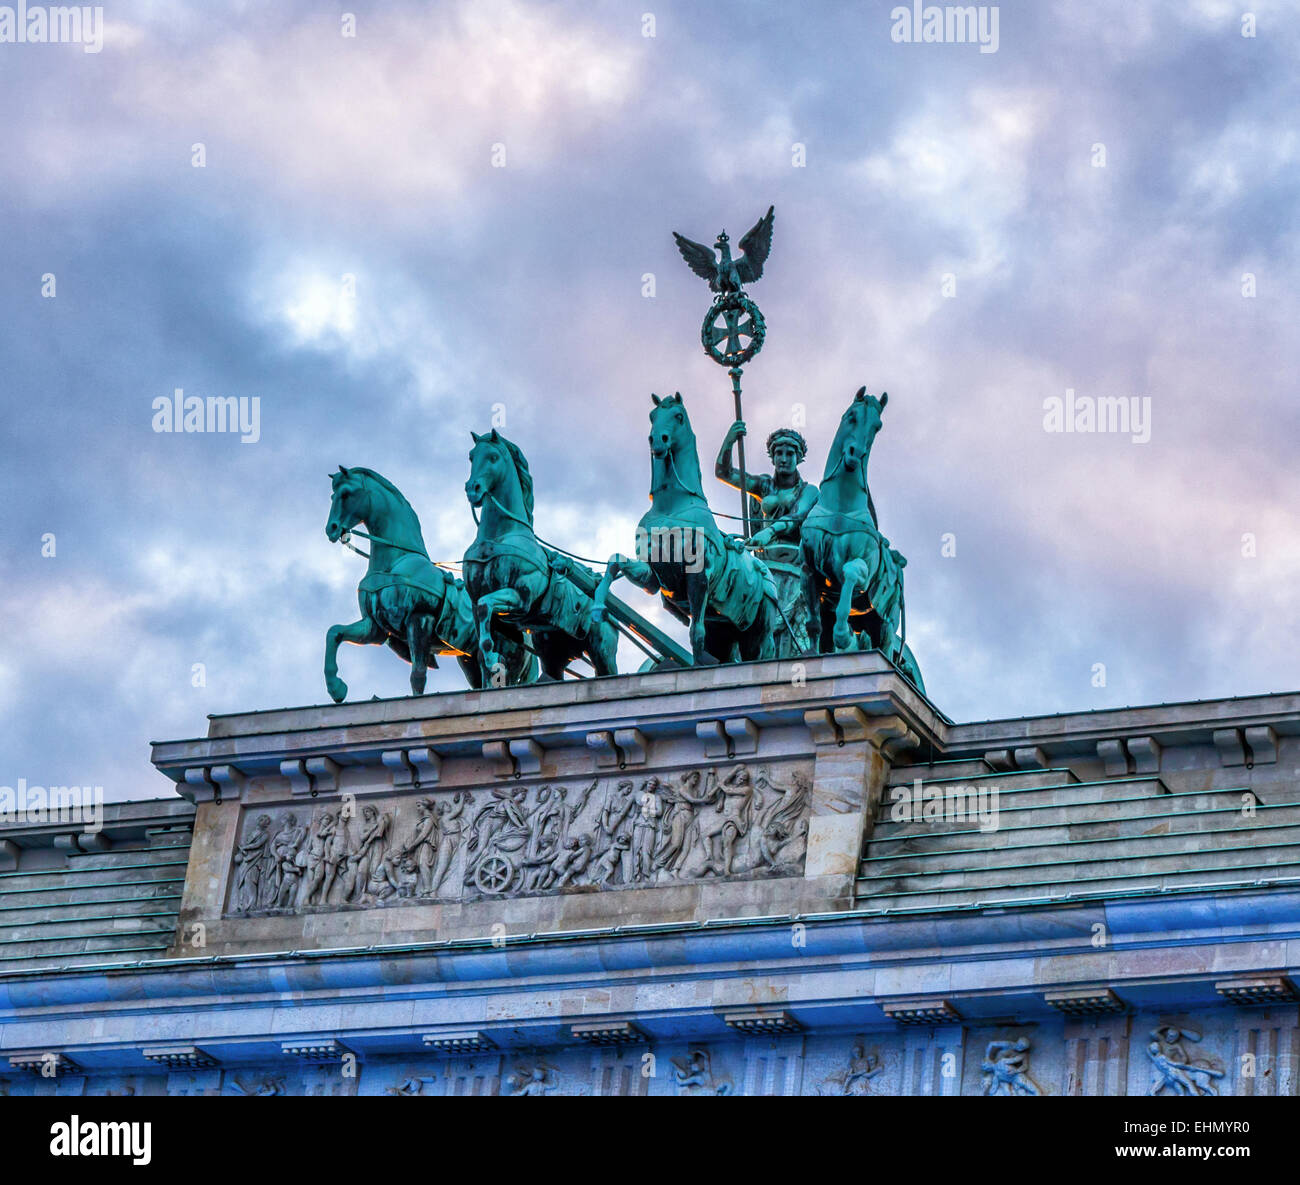 Berlin Brandenburg Gate, Brandenburger Tor. Scultura di pace sul carro e la Dea cime del XVIII secolo in stile neoclassico Immagini Stock